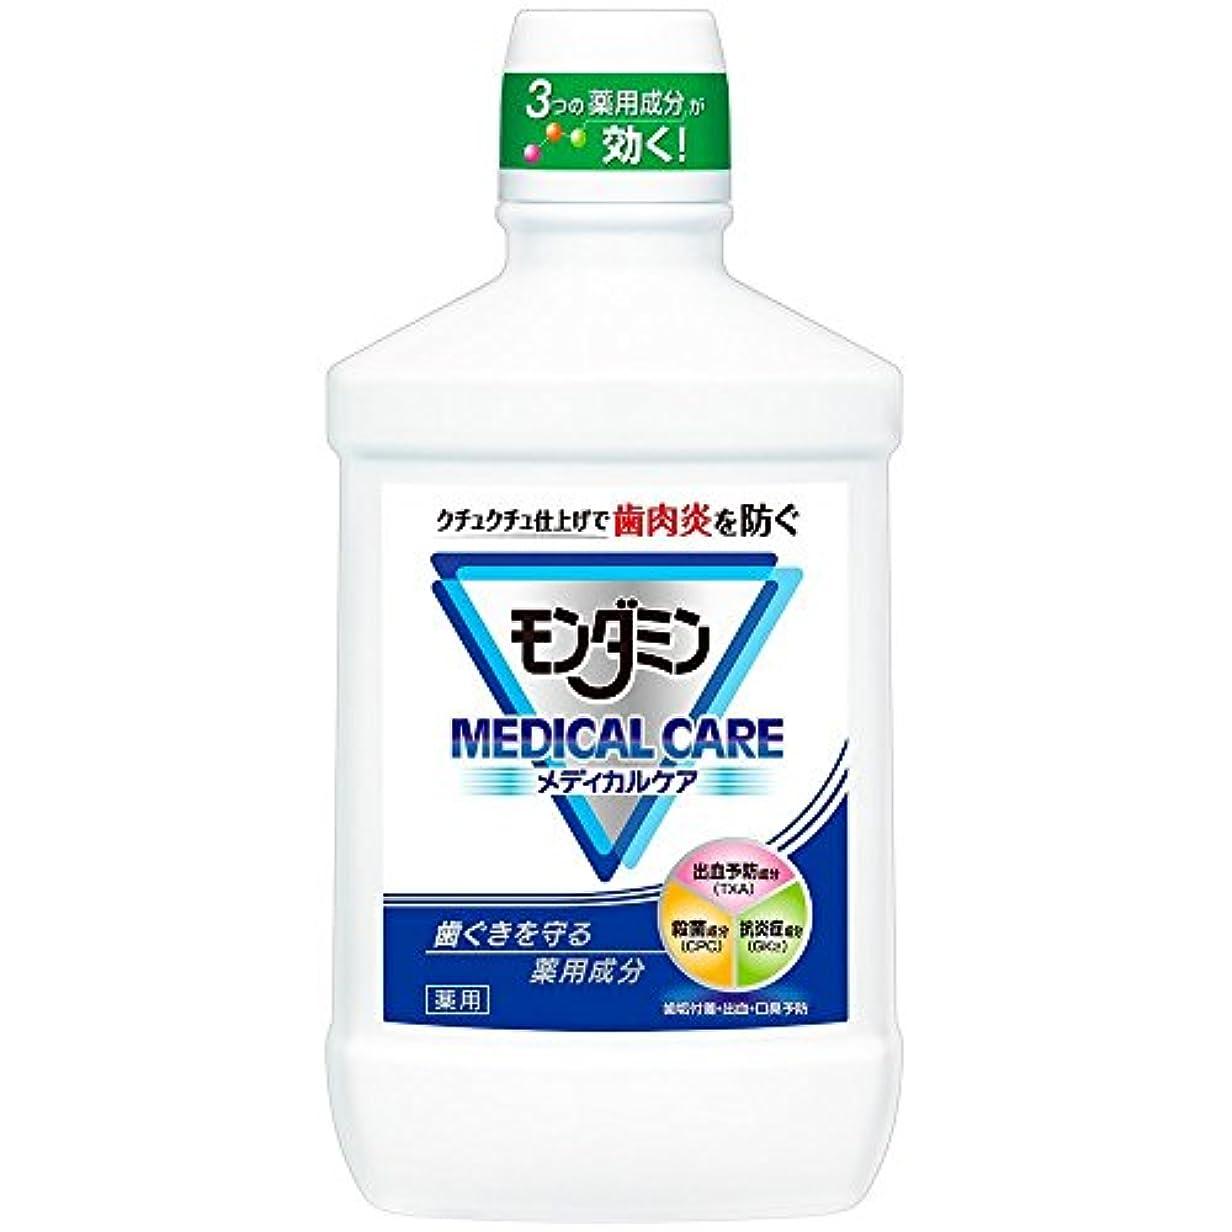 汚染された幹スーパーマーケット【アース製薬】モンダミン メディカルケア 1000ml ×3個セット